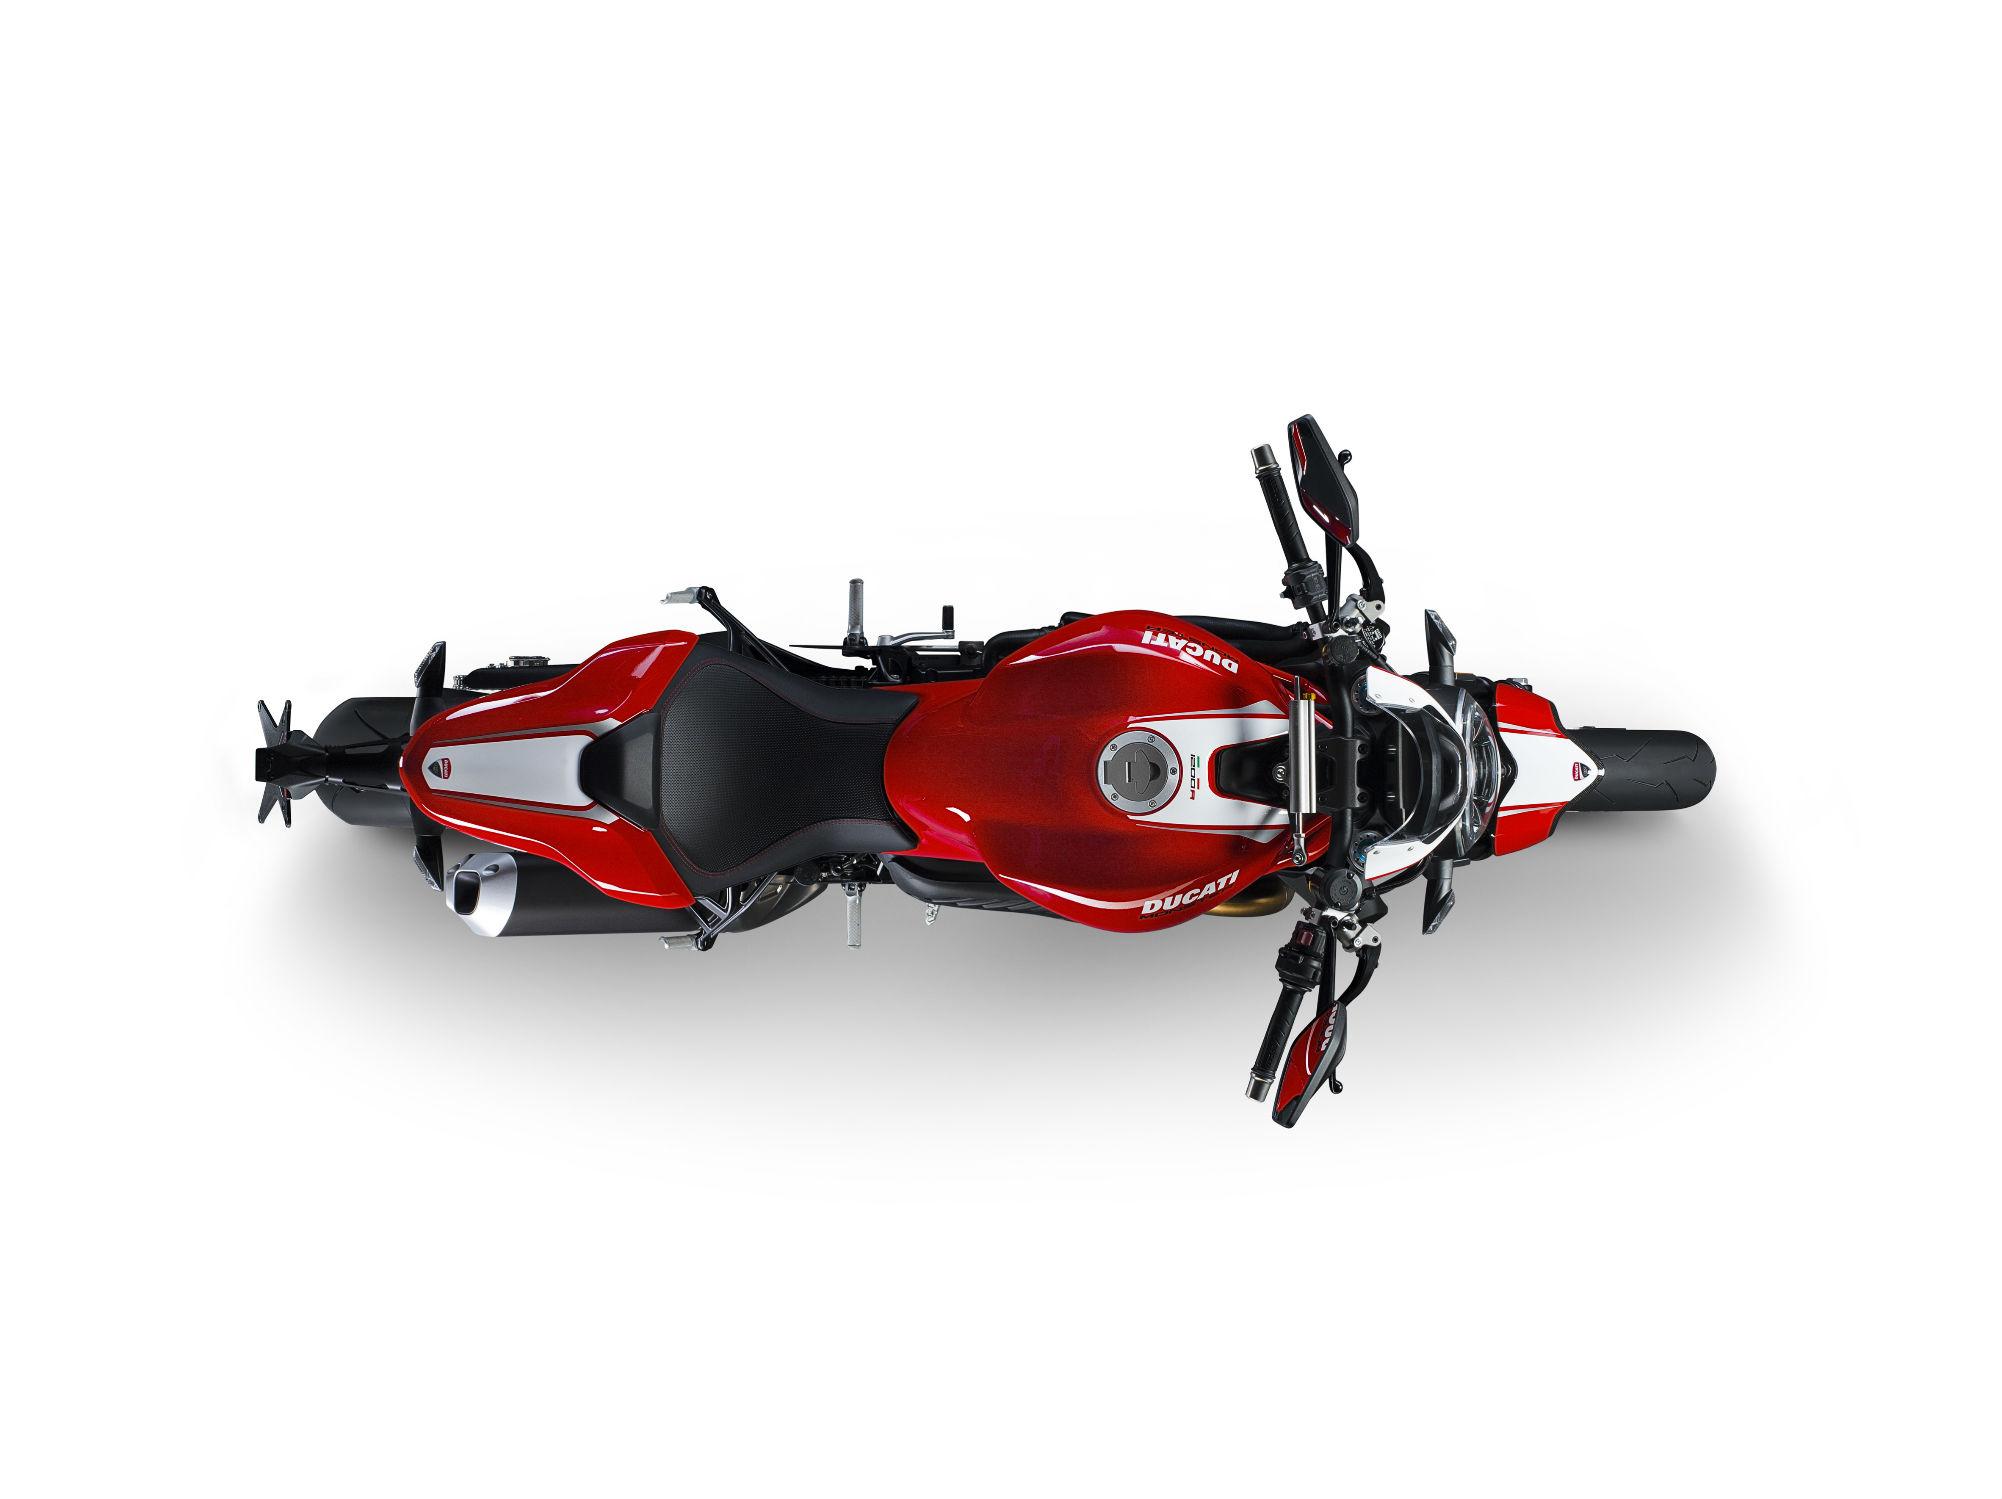 Ducati Monster 1200 R revealed